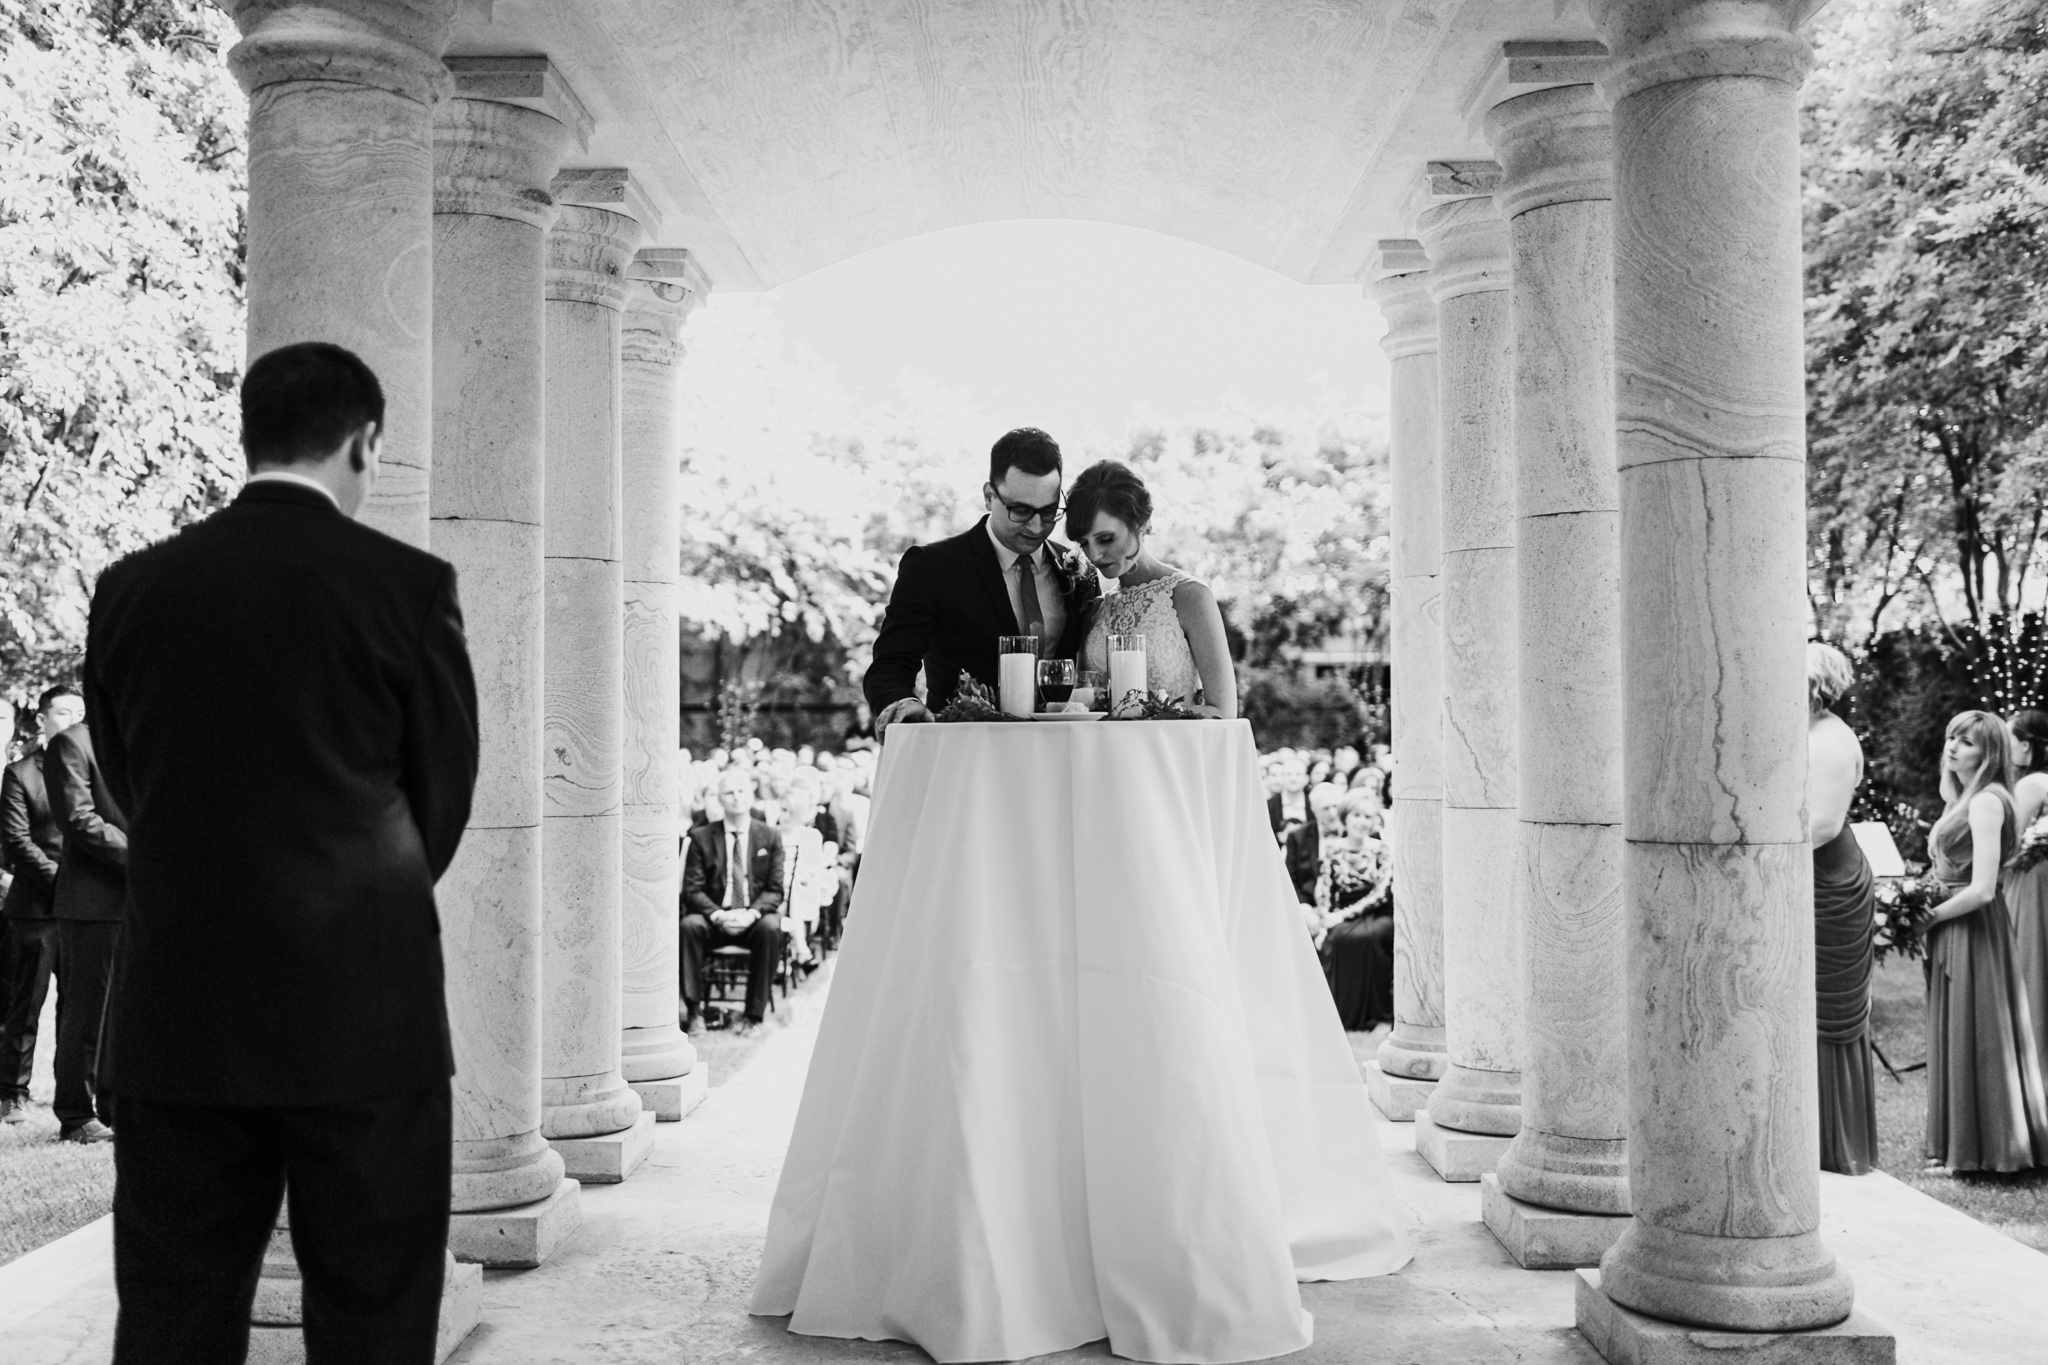 BayArea-Wedding-Photographer-45.jpg